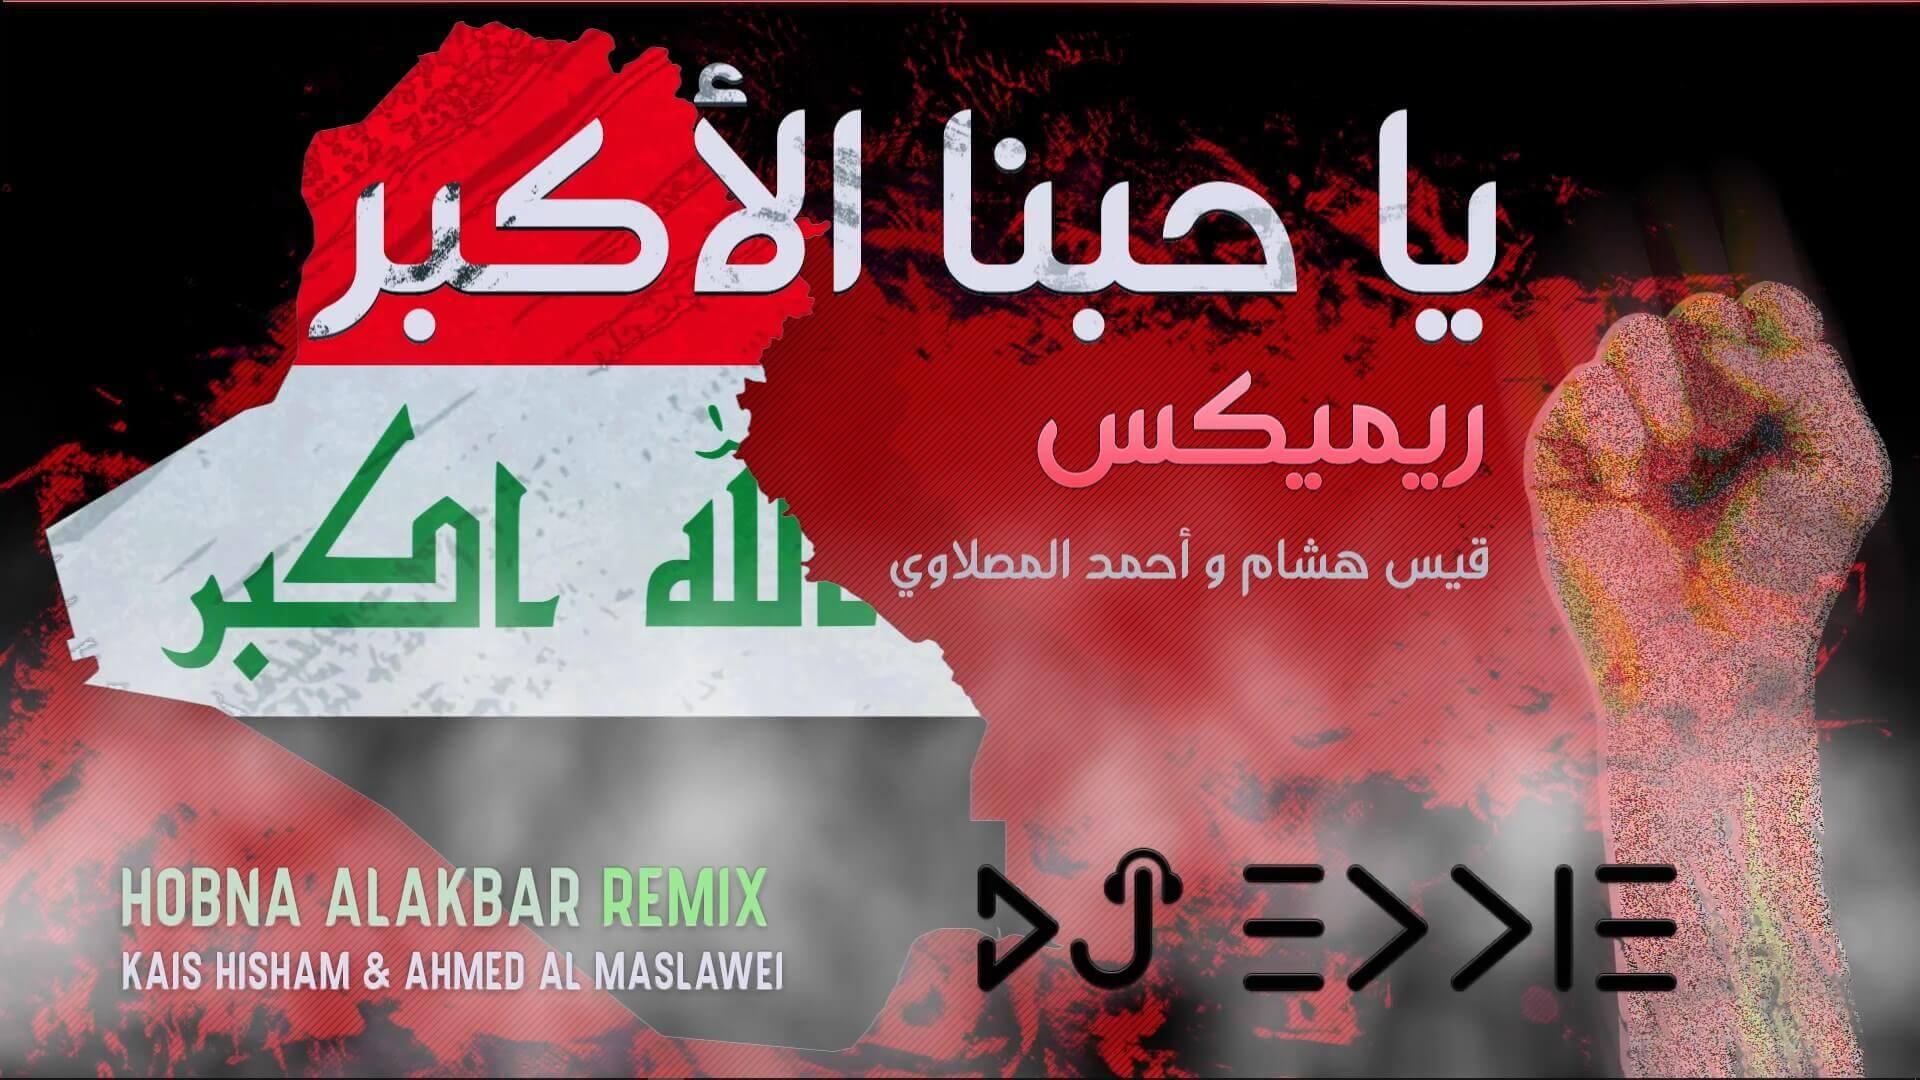 حبنا الاكبر ريميكس Hobna AlAkbar Remix DJ Eddie قيس هشام و احمد المصلاوي Anghami & Vimeo works